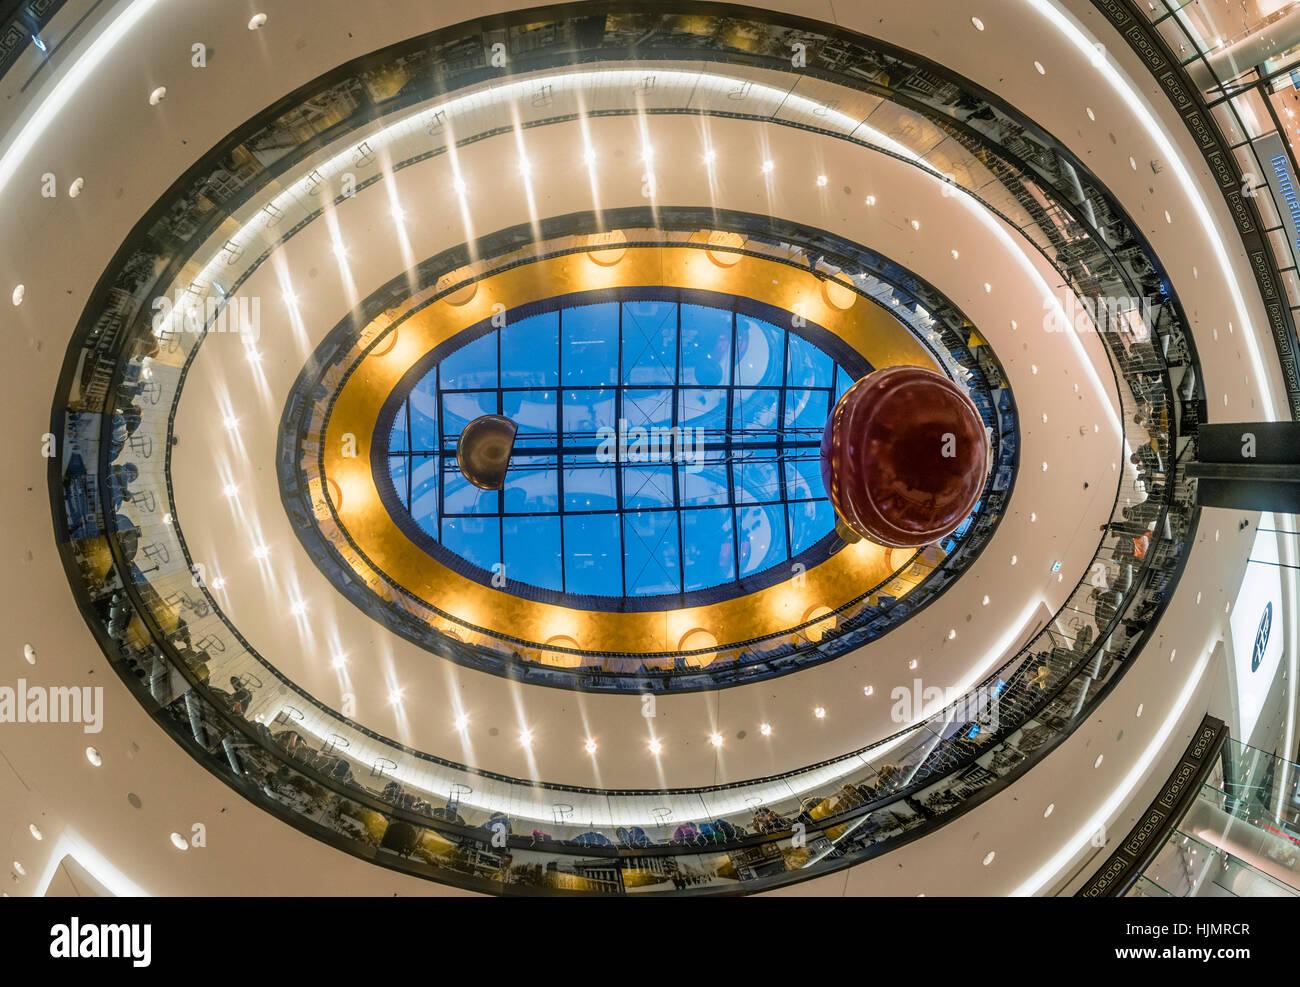 El centro comercial de Berlín, techo, atrio, arquitectura moderna, Interieur, Compras, Berlín Imagen De Stock